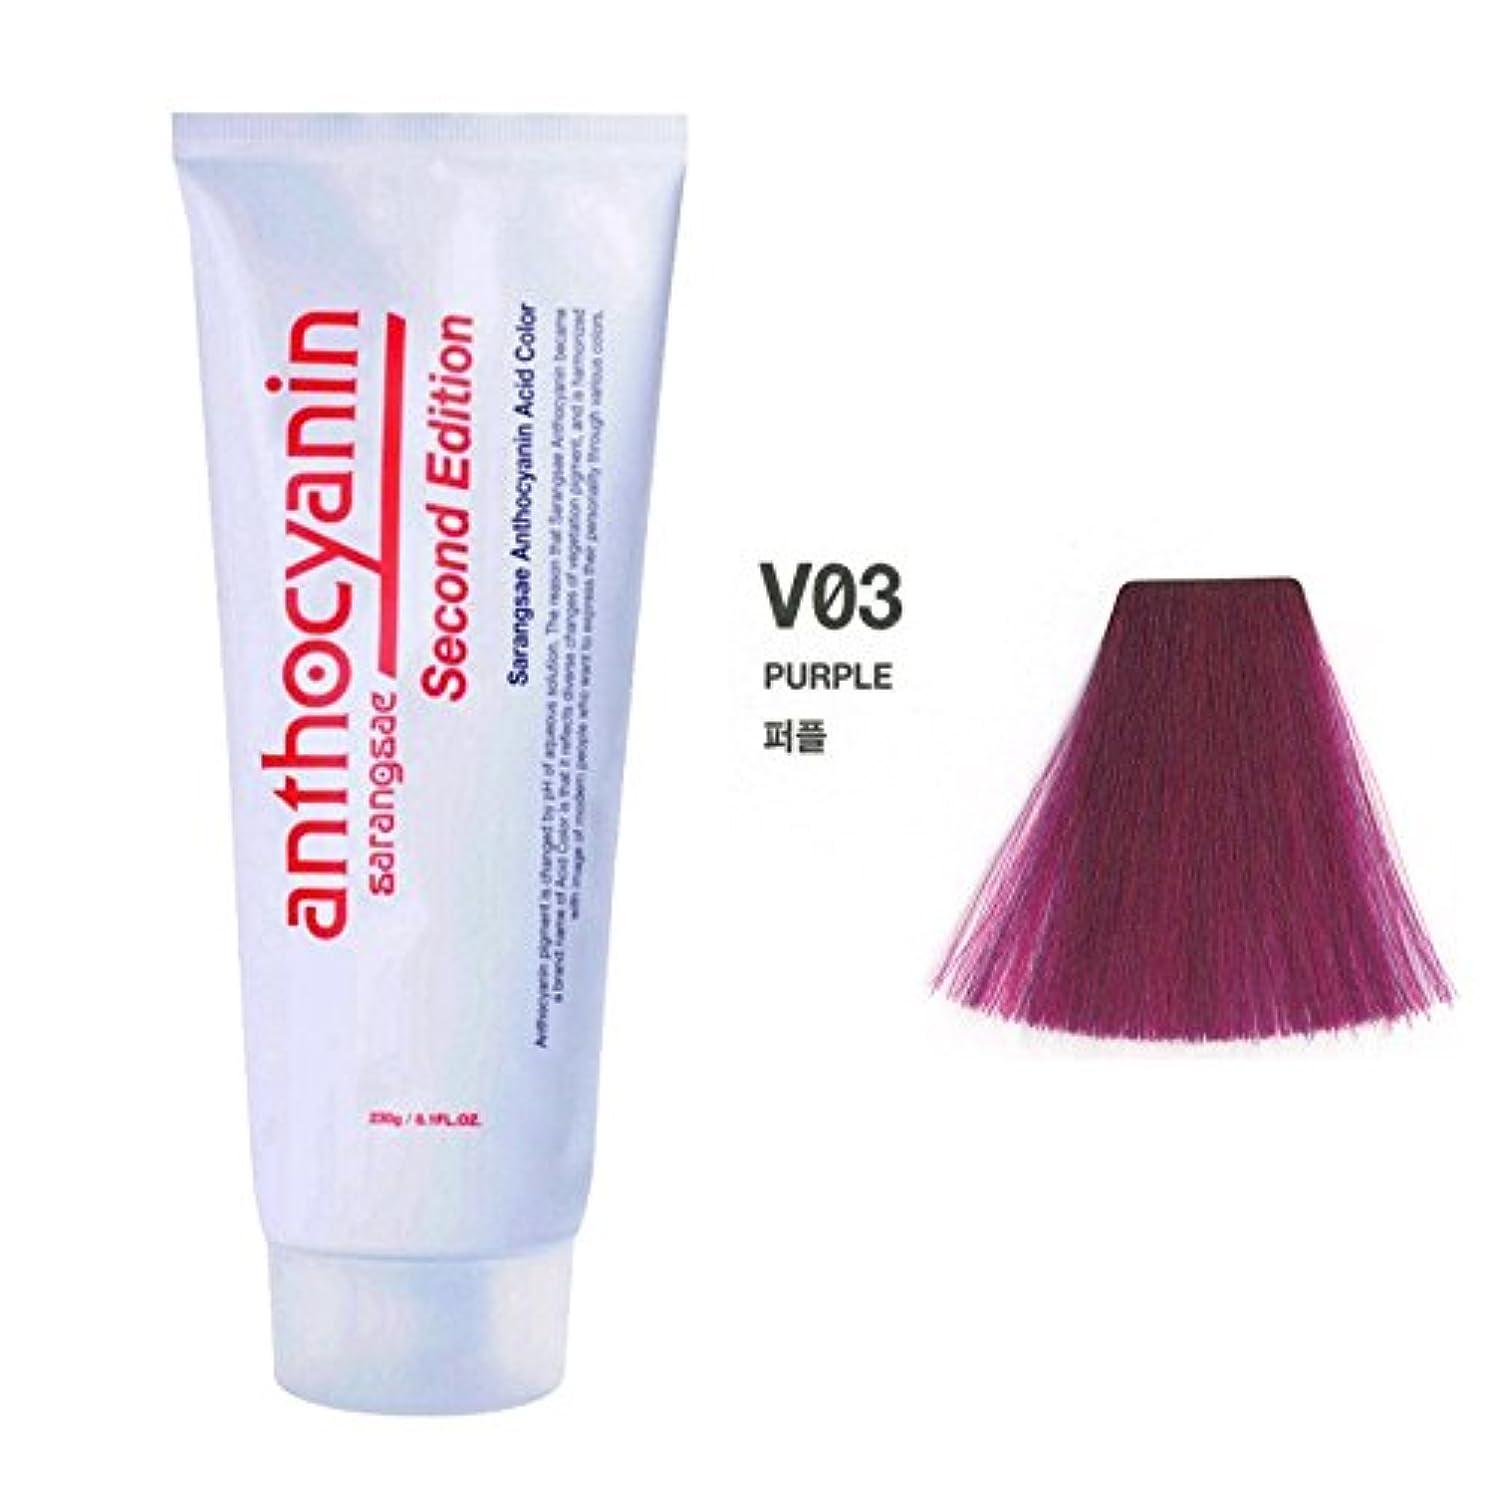 非難好む締めるヘア マニキュア カラー セカンド エディション 230g セミ パーマネント 染毛剤 ( Hair Manicure Color Second Edition 230g Semi Permanent Hair Dye)...